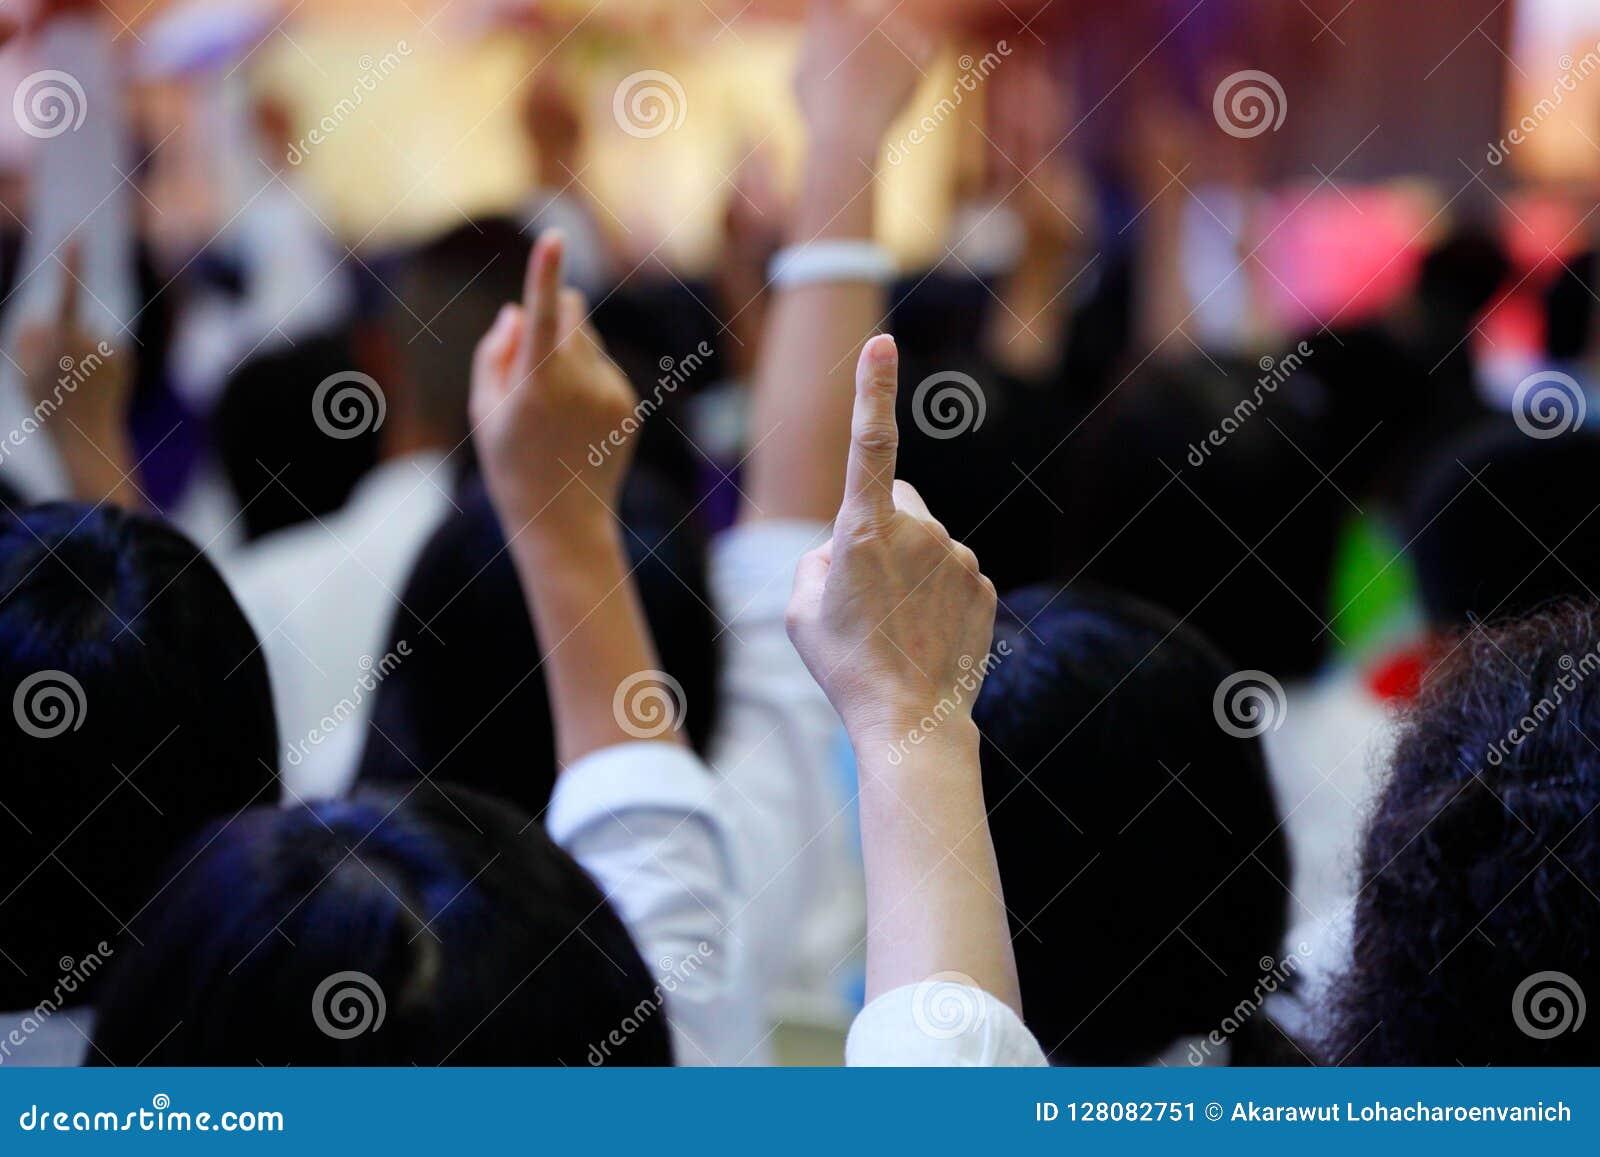 La gente che reagisce alla domanda alzando il loro dito indice insieme come lavoro di squadra per unità ed accordo e collabora un